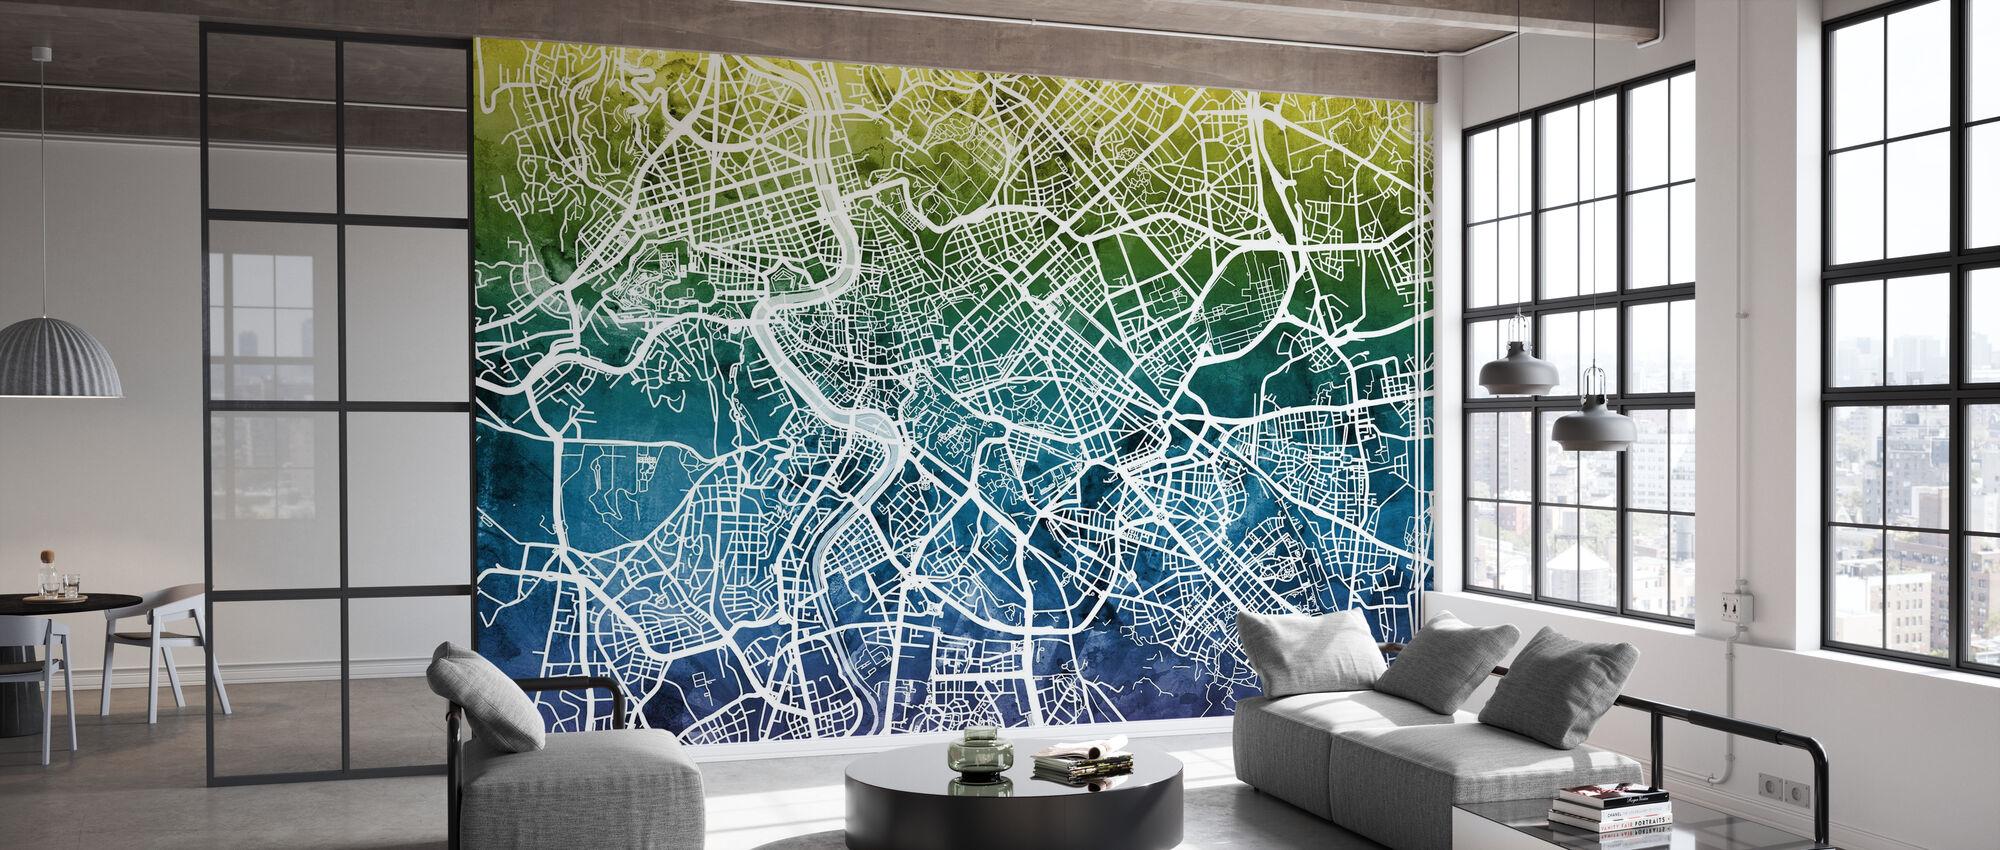 Rome Street Map Bluegreen - Wallpaper - Office